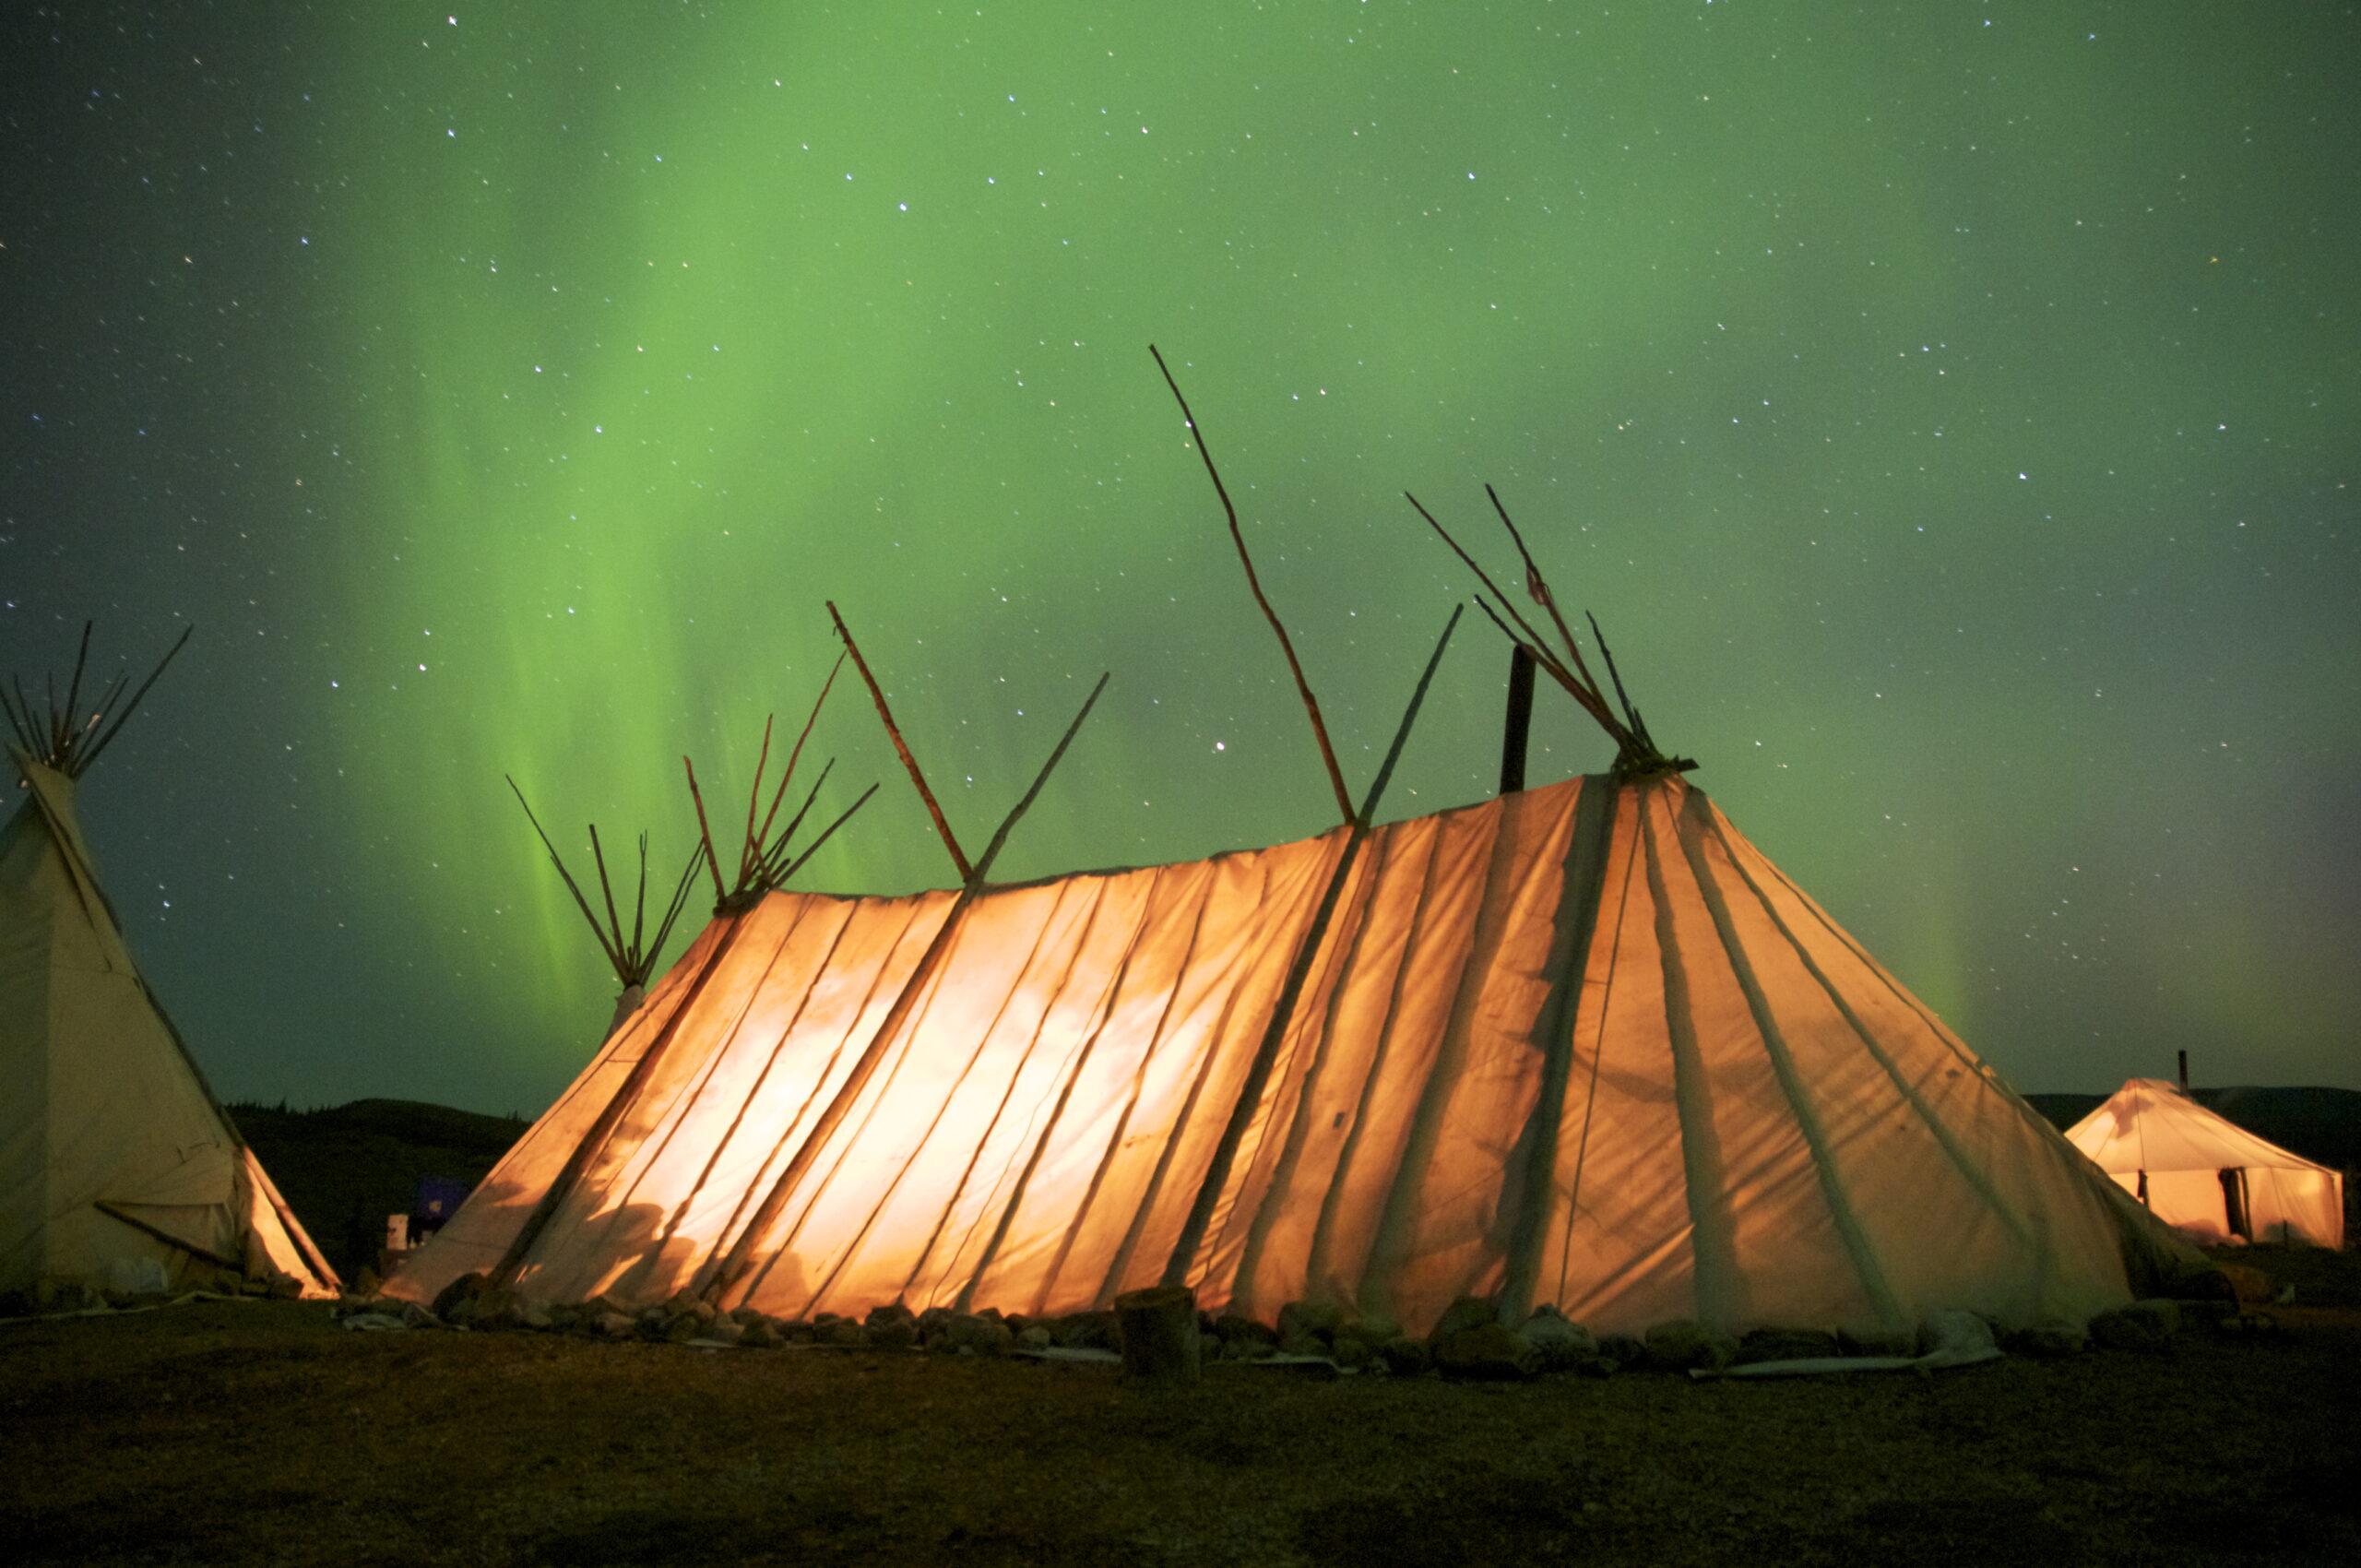 Le 8 avril 2021, un incubateur accélérateur nordique a été lancé pour accompagner le développement de projets touristiques au nord du 49e parallèle.